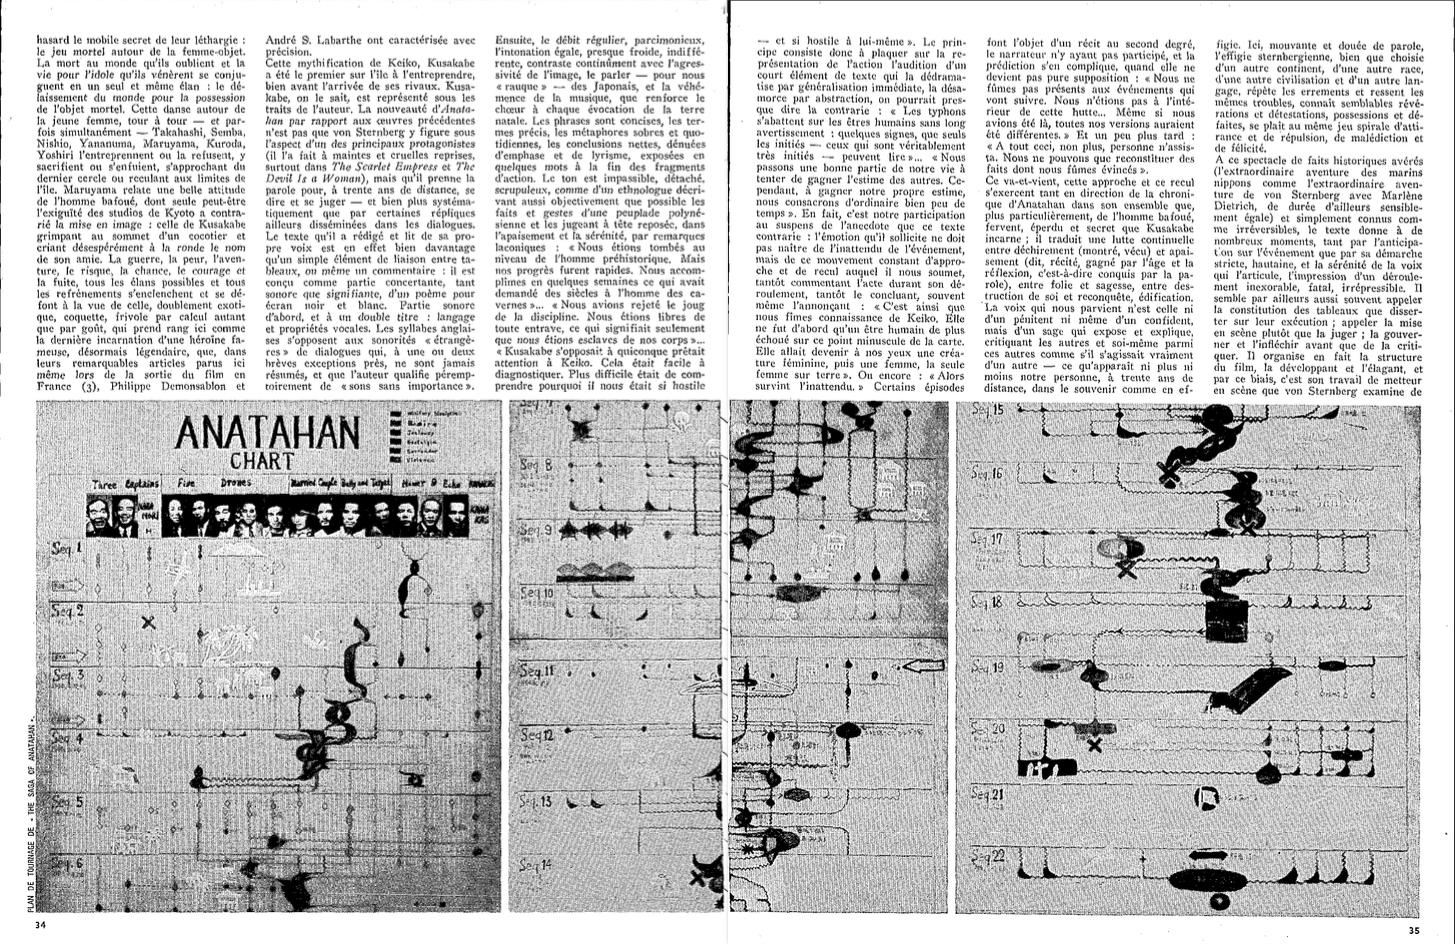 Cahiers du cinéma n°168, juillet 1965. Pages 34 et 35 : diagramme d'Anatahan en illustration d'« Une aventure de la lumière » de Claude Ollier.